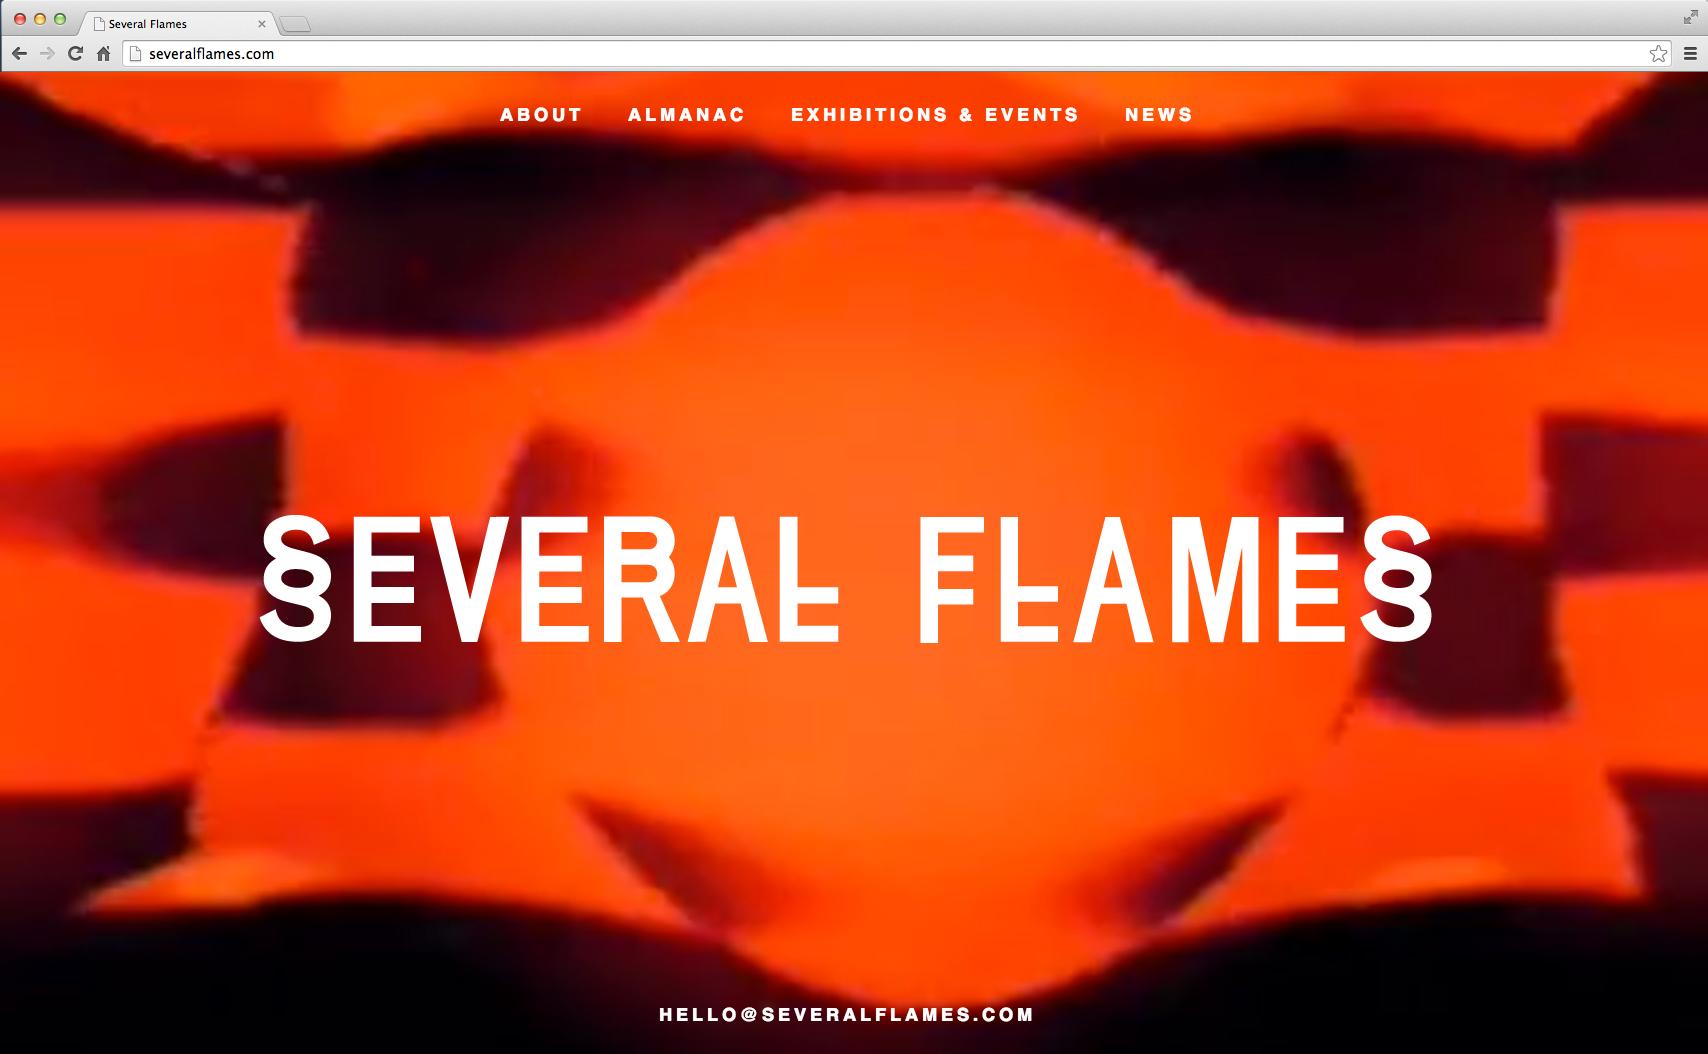 Several-flames-web-0